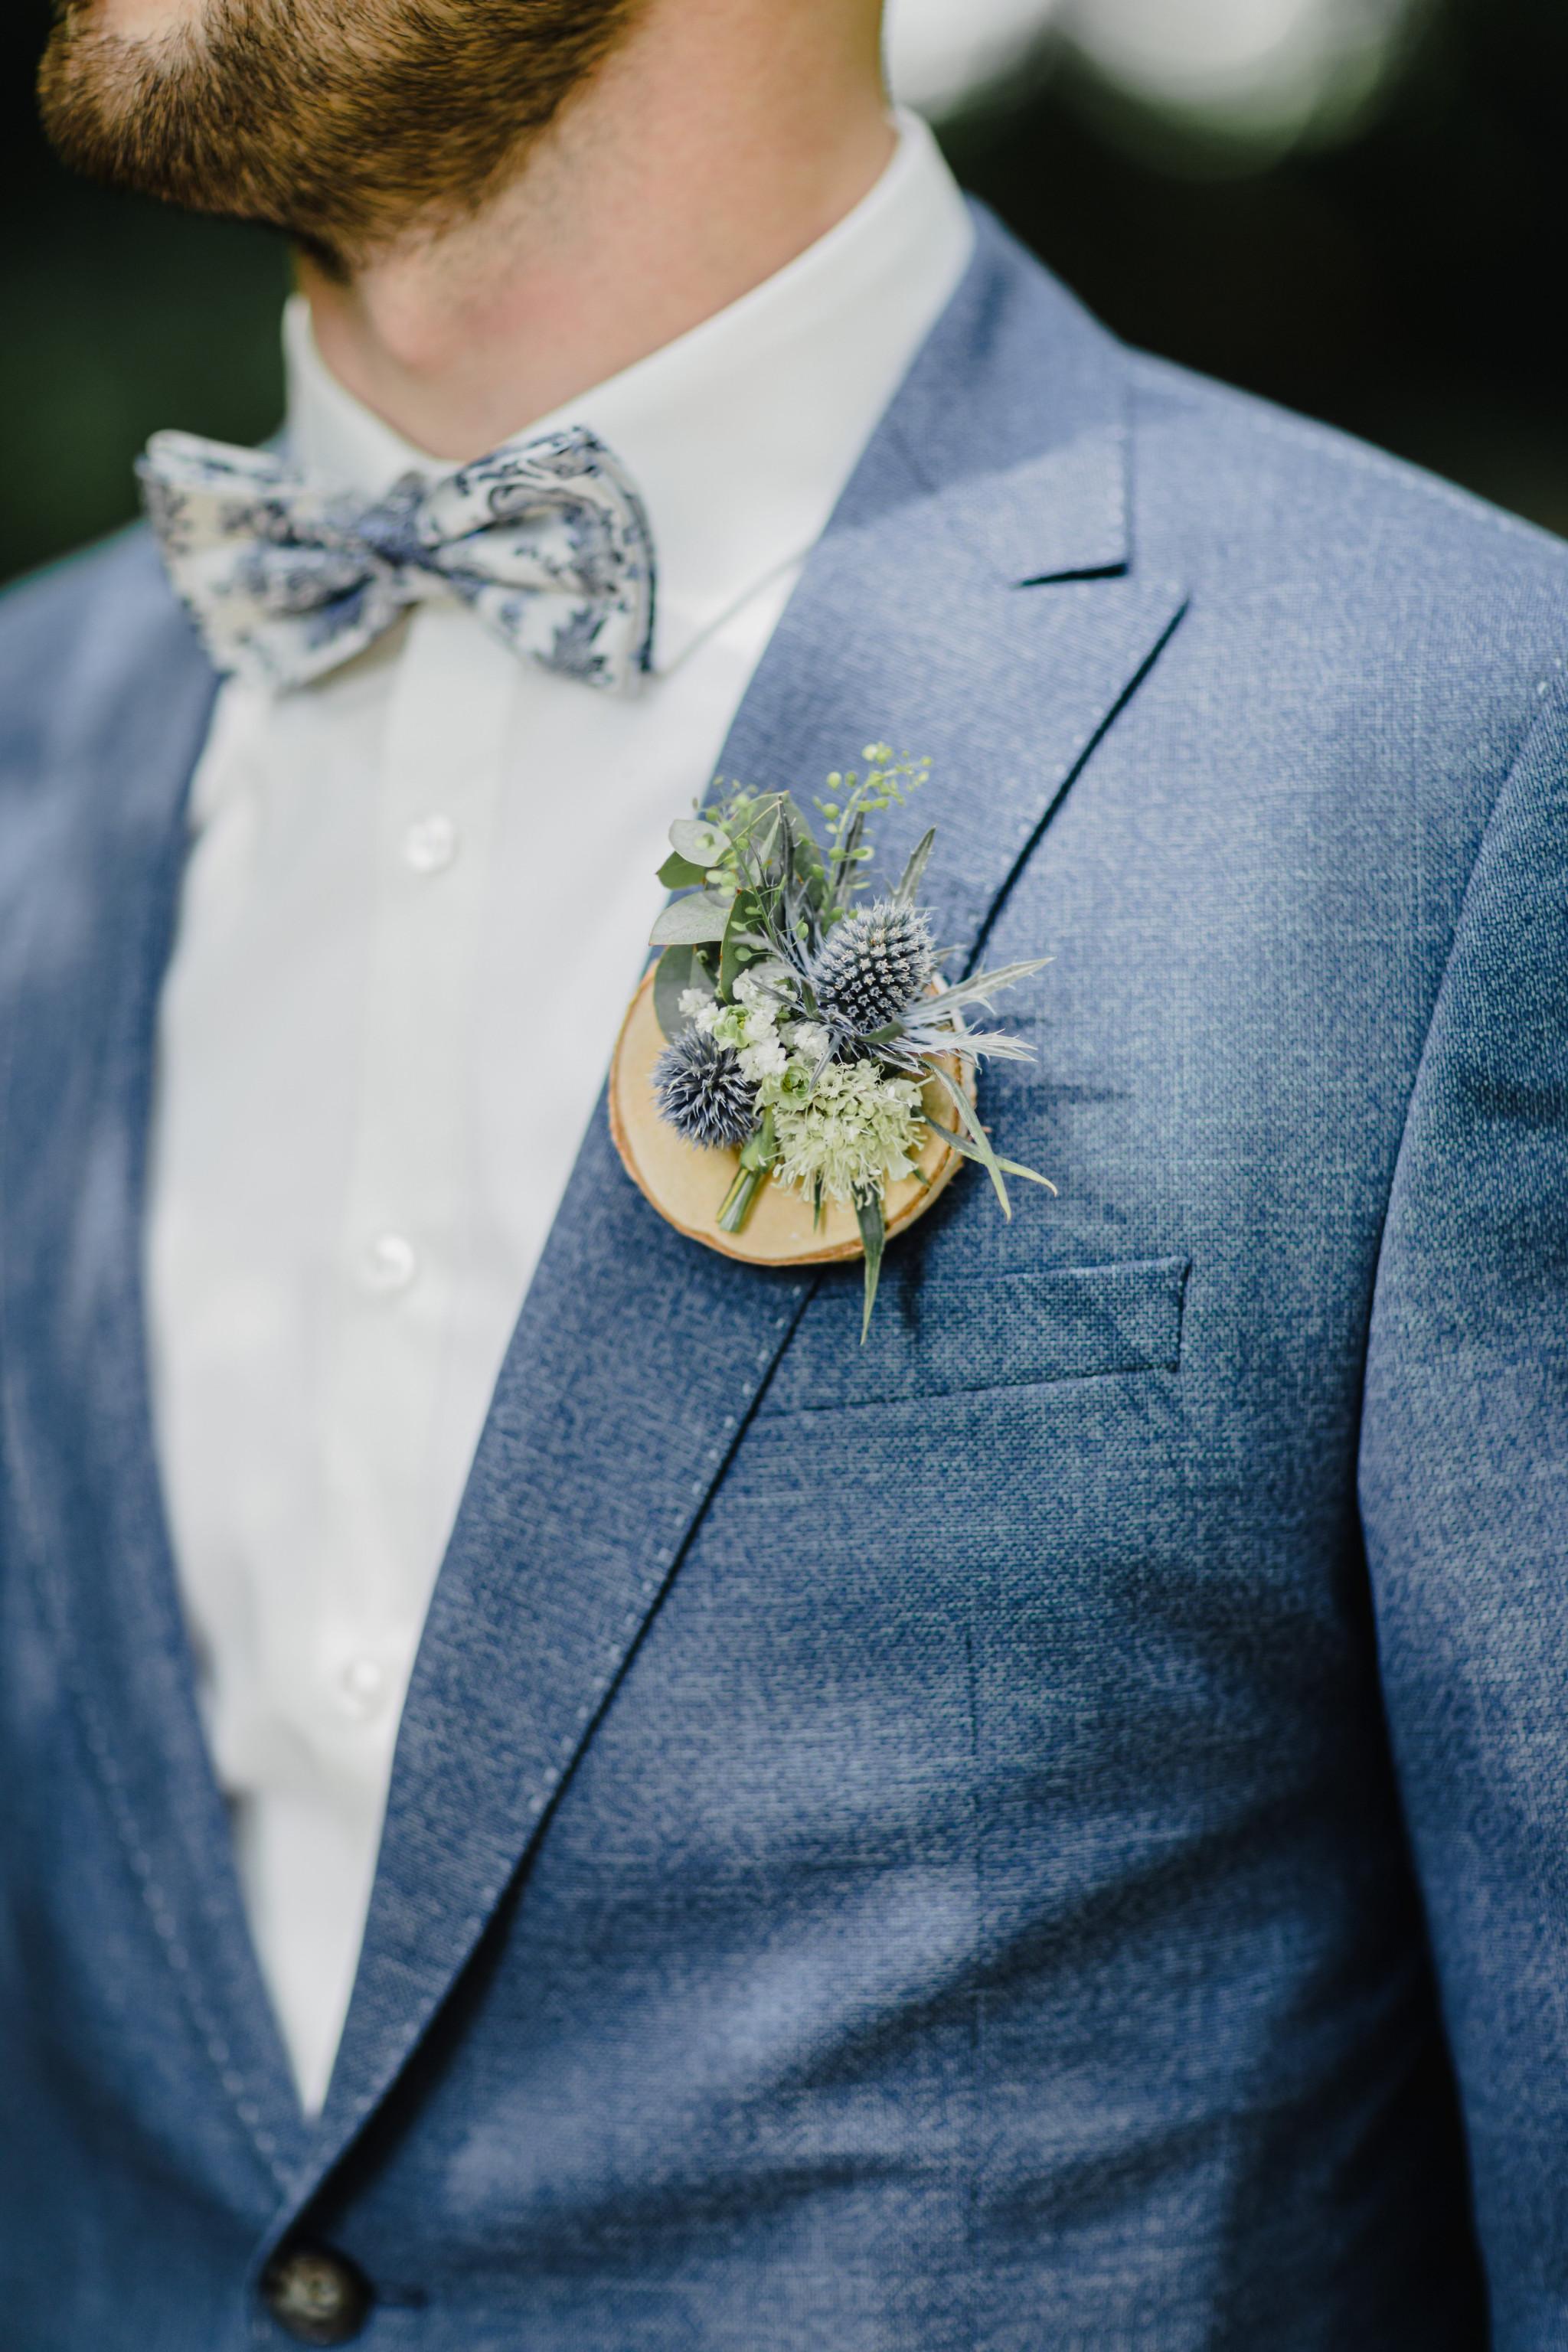 Anstecker Hochzeit Wie Tragt Man Sie Theperfectwedding De